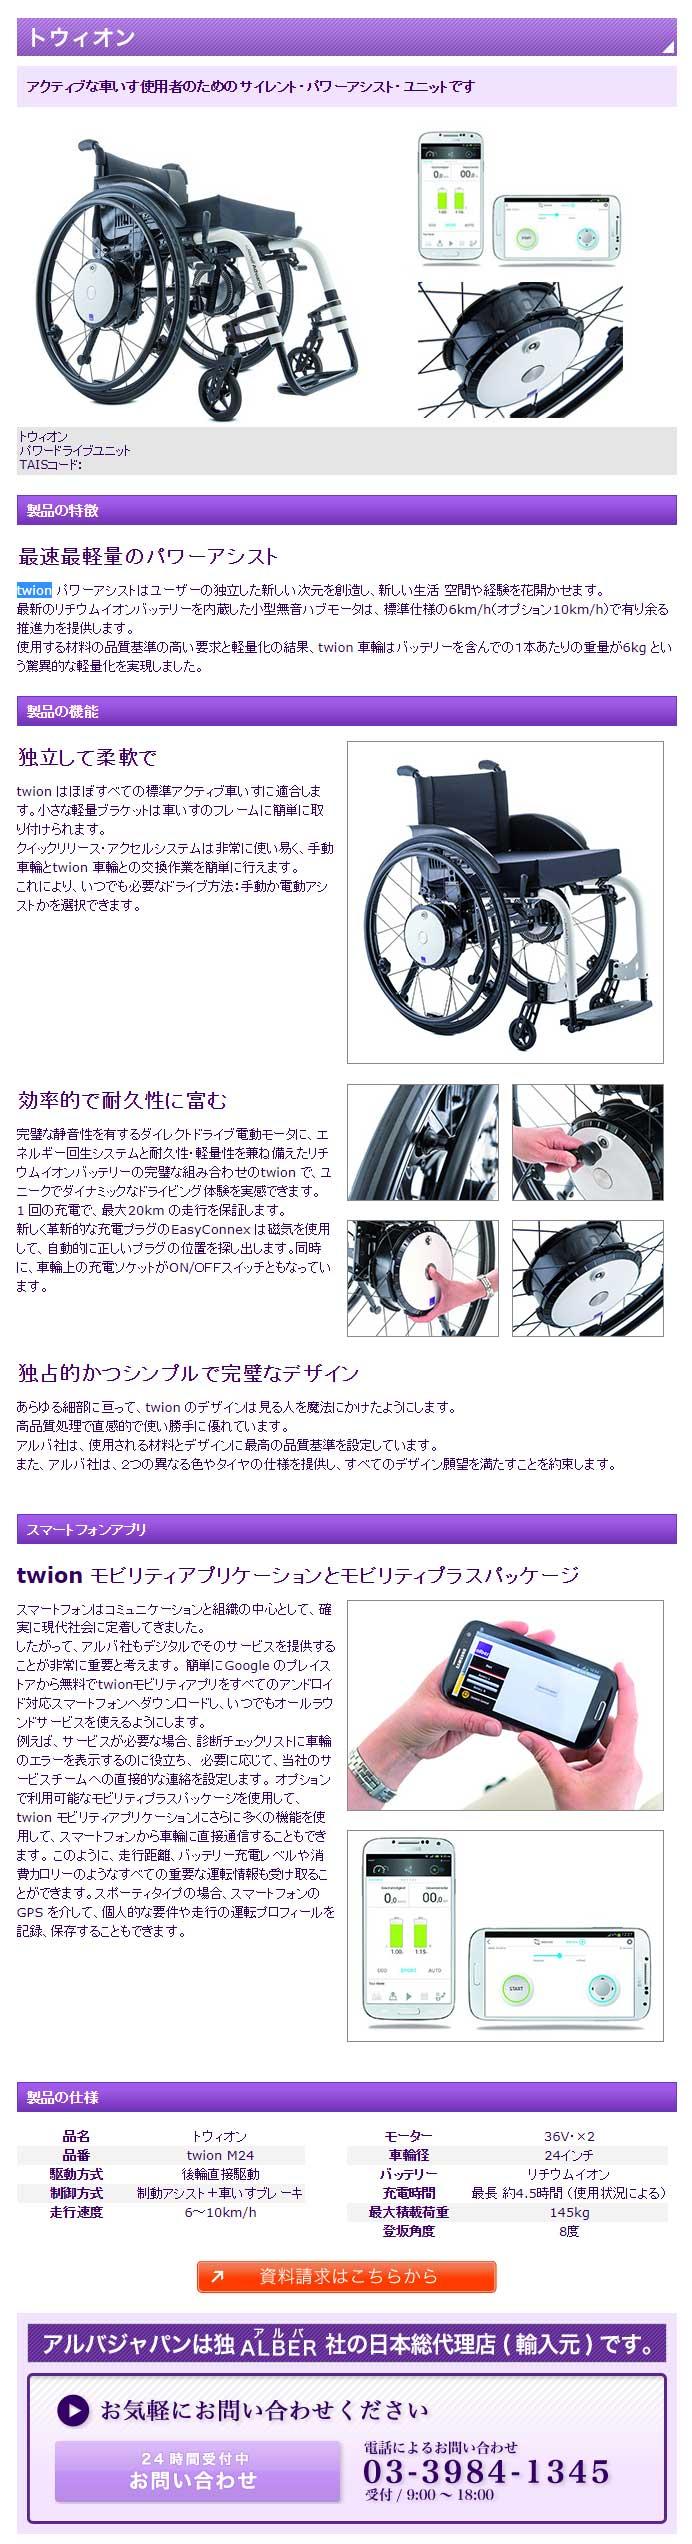 【福祉機器】手動車いす電動ユニット【アタッチメント編】alber twion2